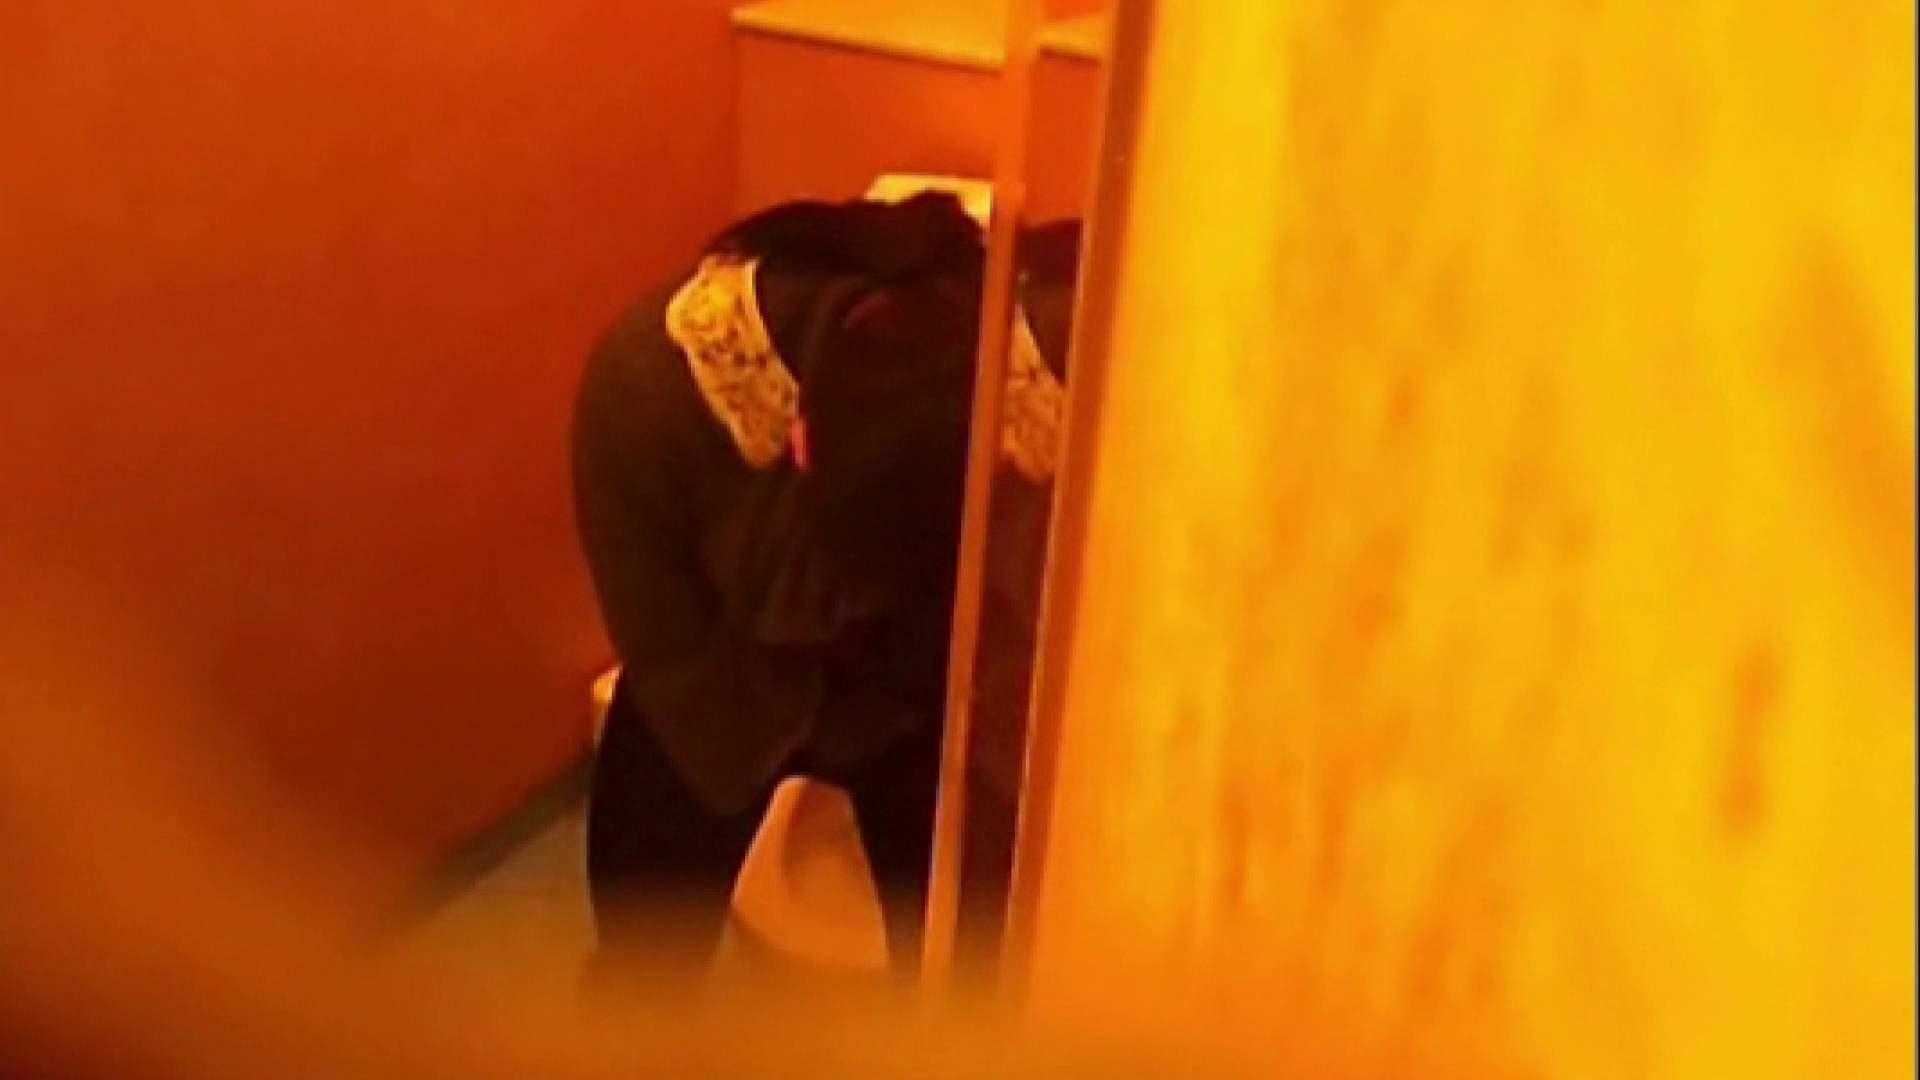 品川からお届け致します!GALS厠覗き! Vol.09 厠 盗撮ワレメ無修正動画無料 87PICs 52